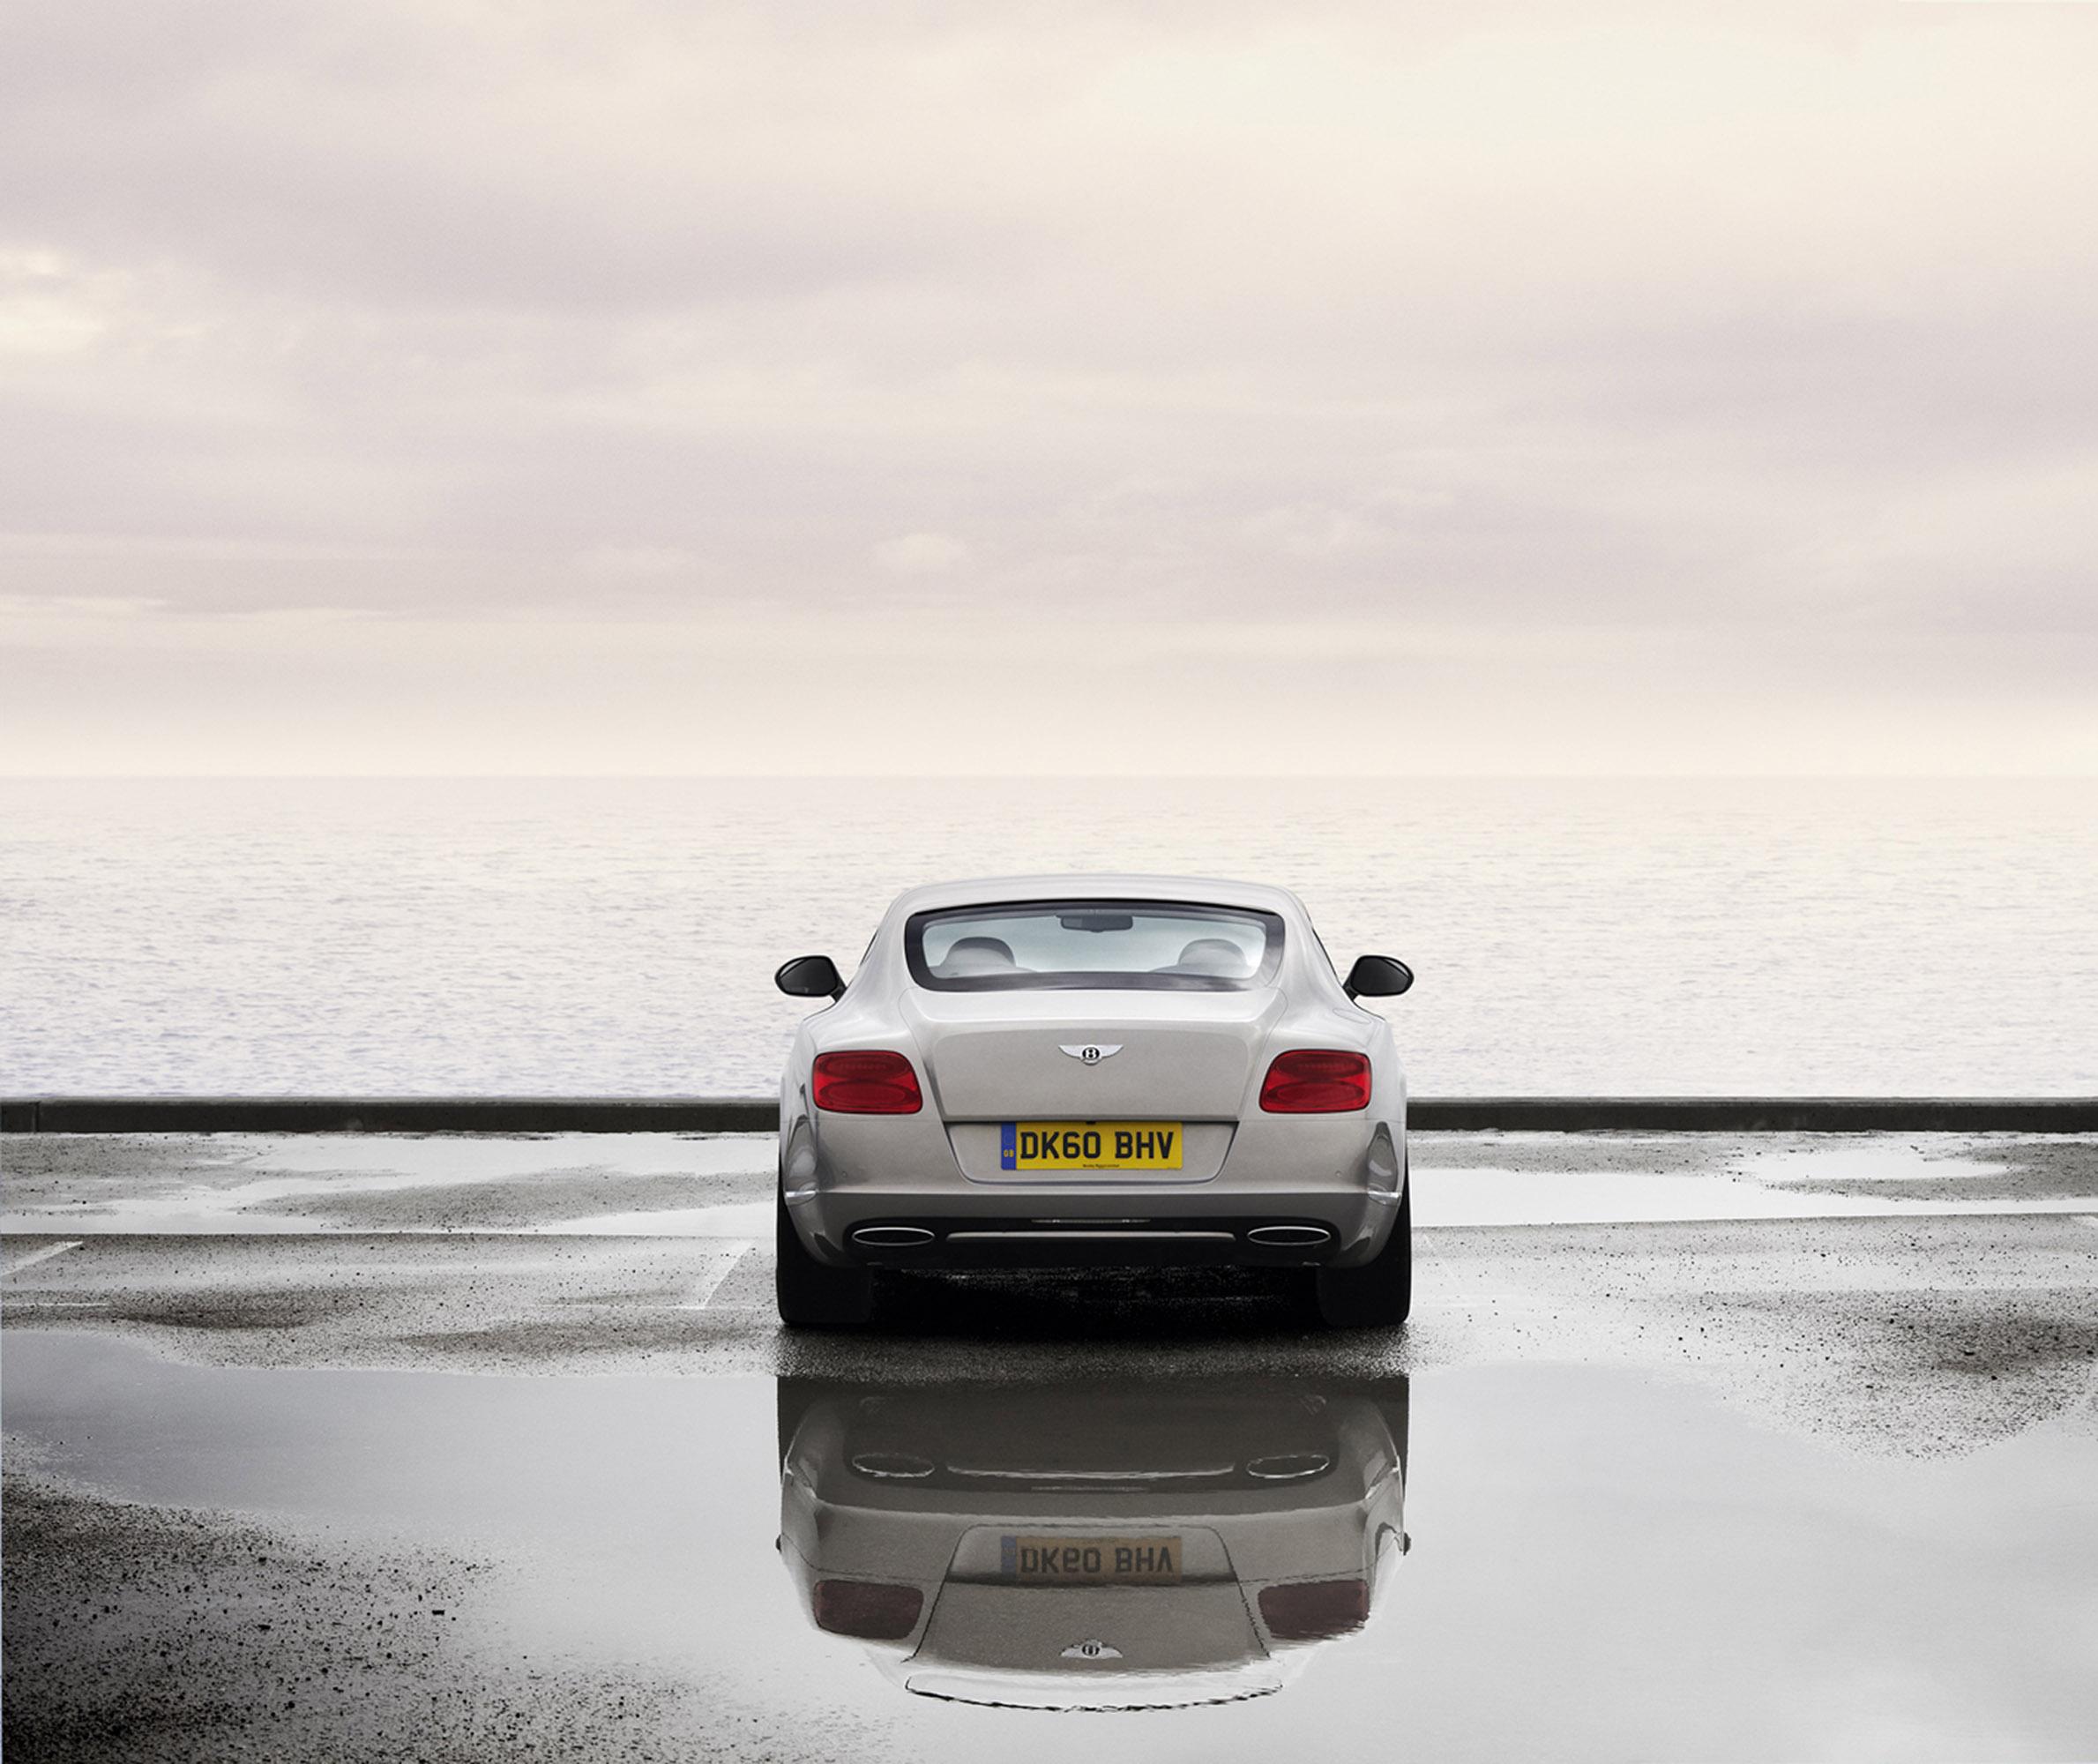 2019 Bentley Continental Gt Msrp: Bentley Continental GT 2011